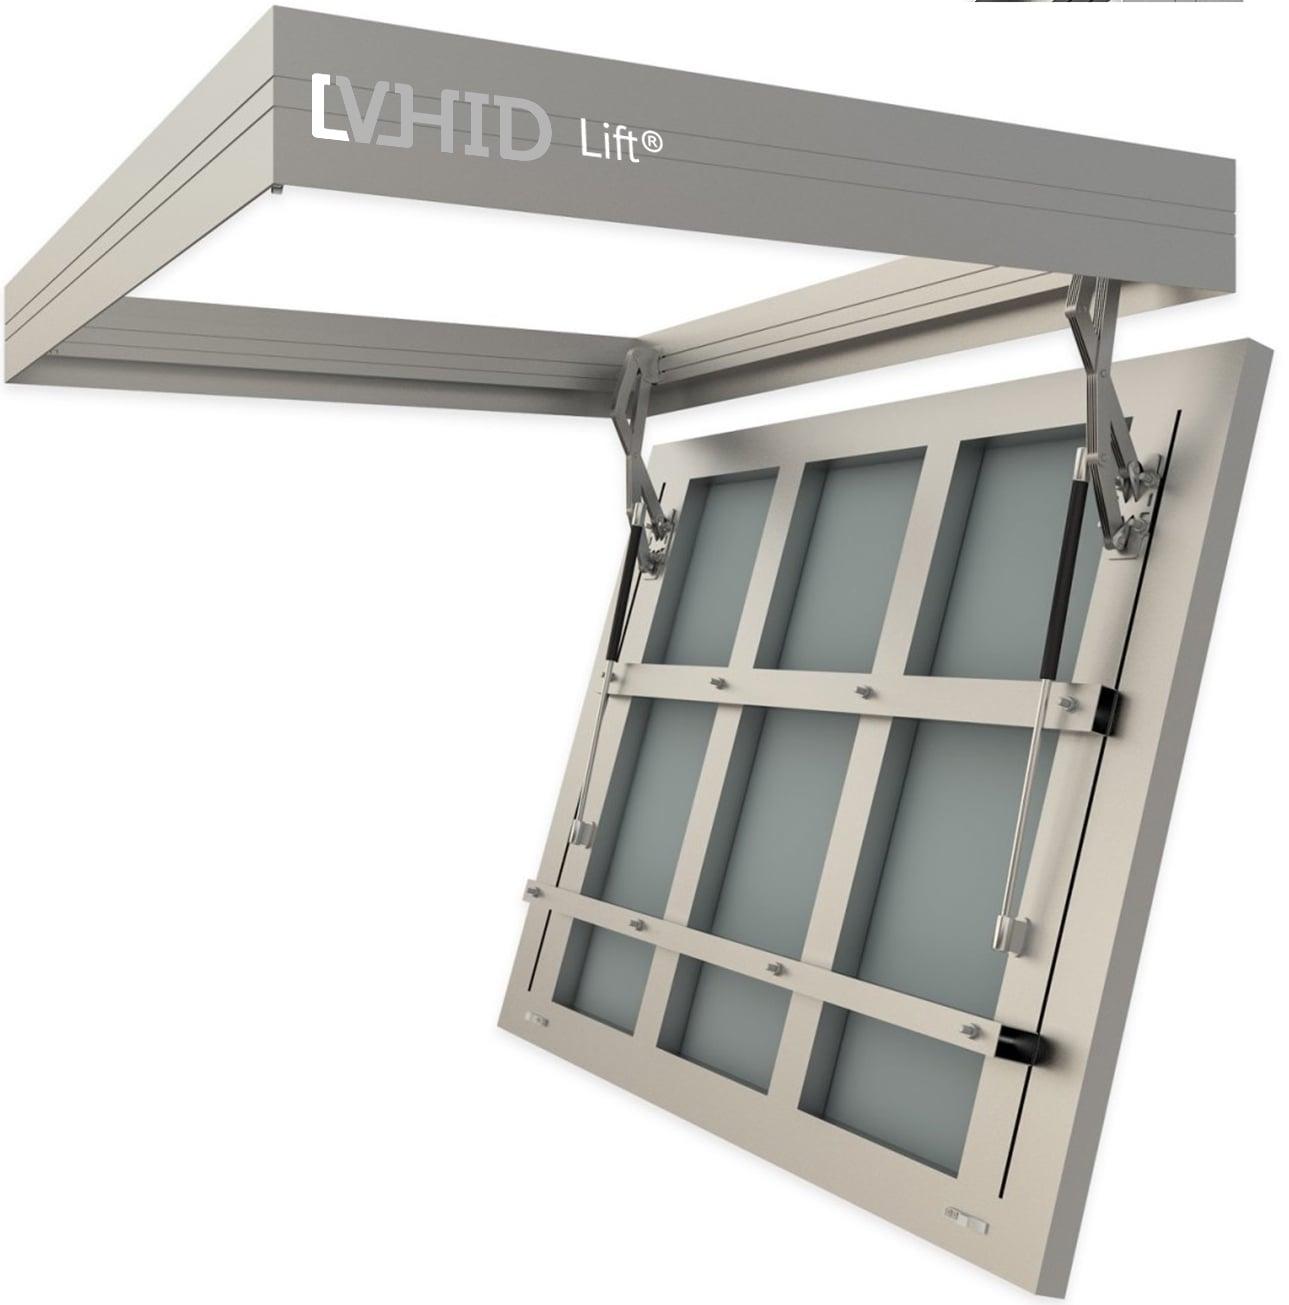 Lift-vhid